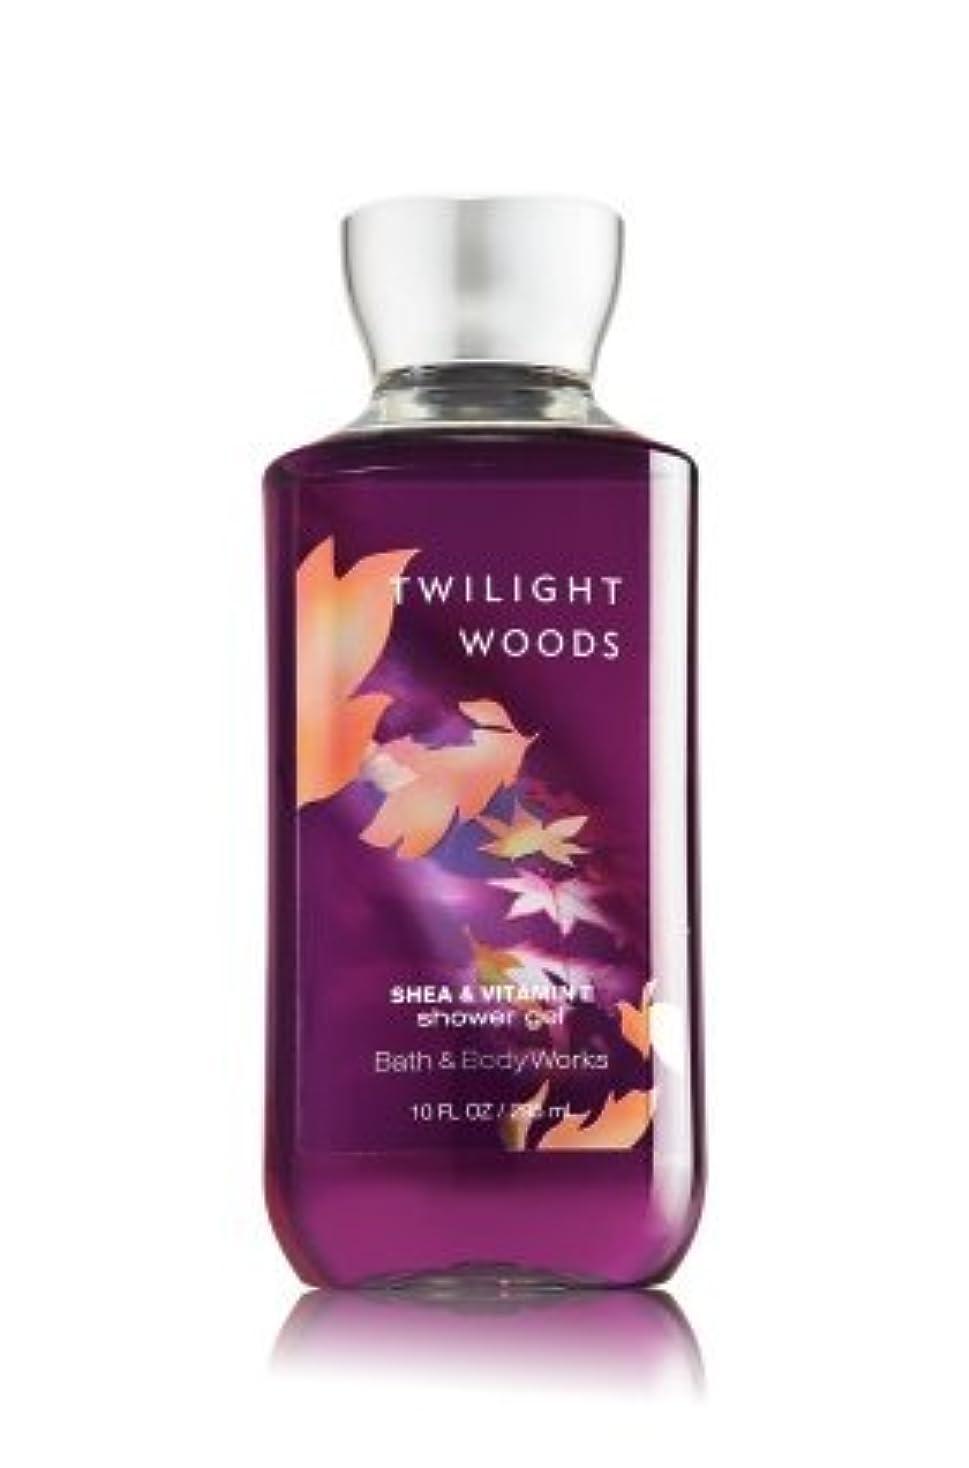 構想する思いやり行く【Bath&Body Works/バス&ボディワークス】 シャワージェル トワイライトウッズ Shower Gel Twilight Woods 10 fl oz / 295 mL [並行輸入品]